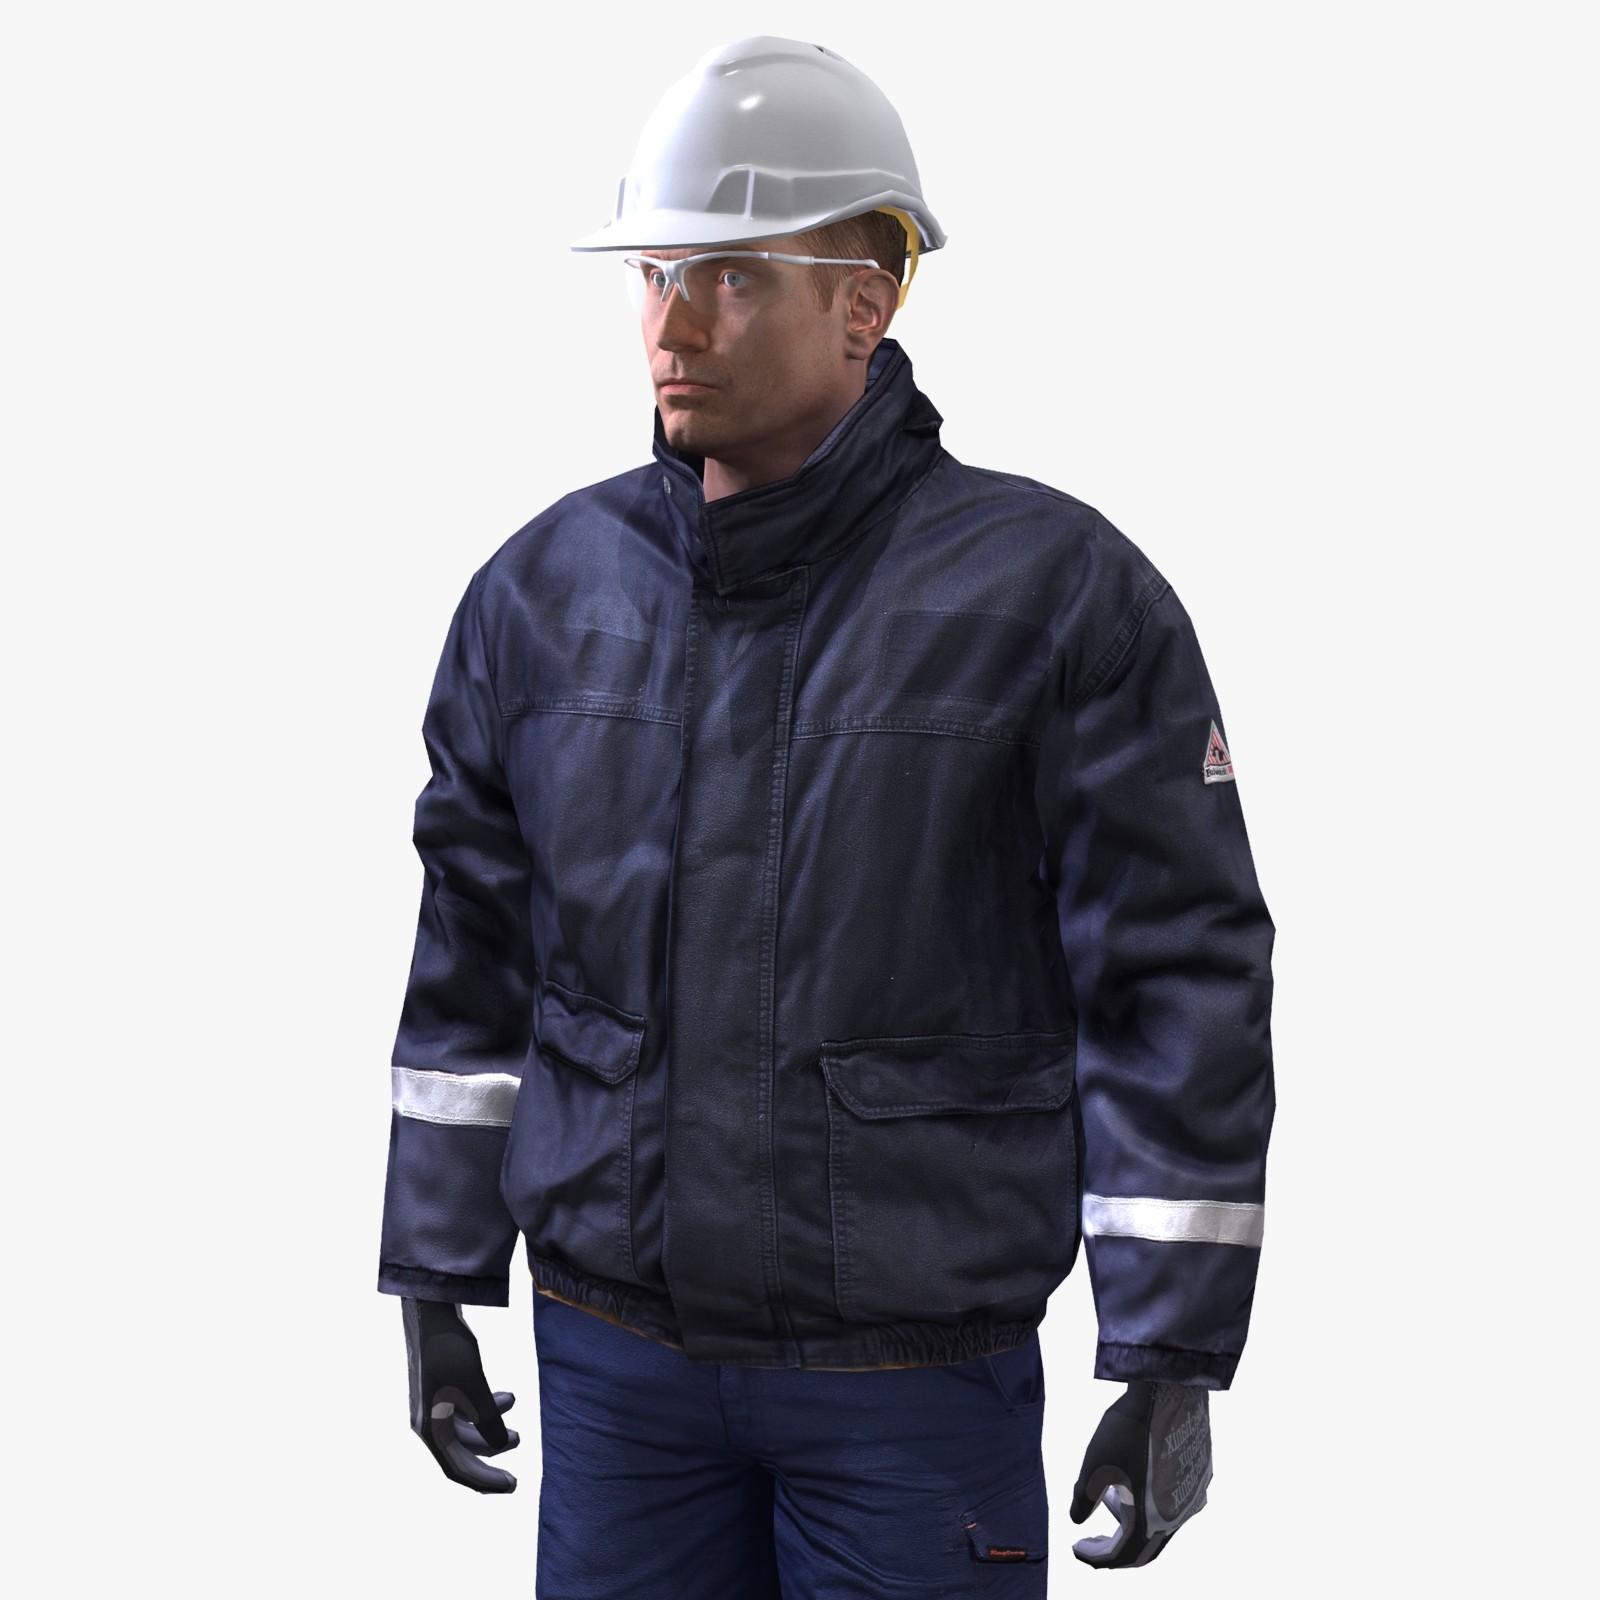 Workman Mining Safety Glen Cold Weather